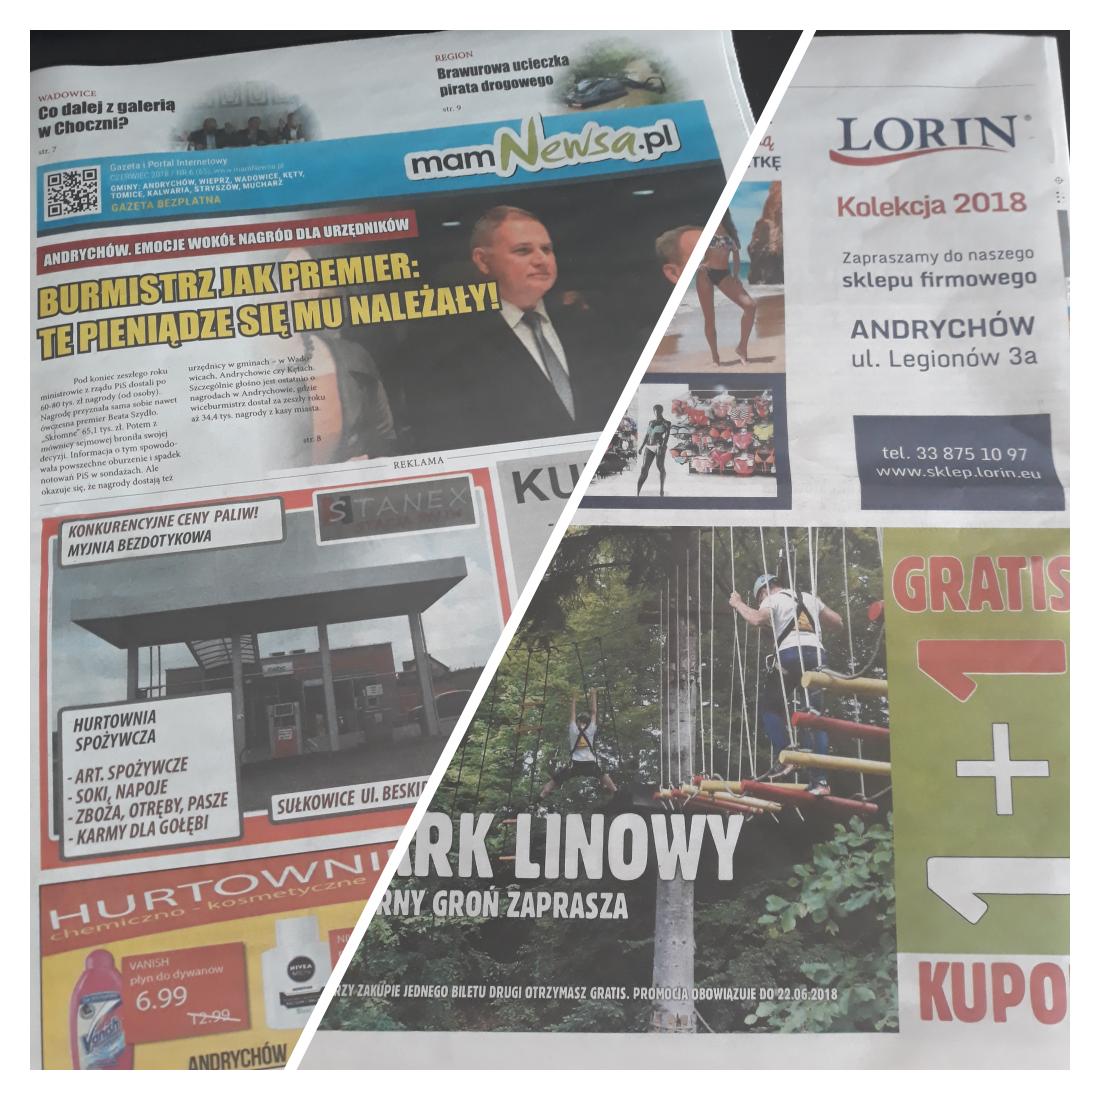 Kupon promocyjny w czerwcowym wydaniu gazety mamNewsa.pl